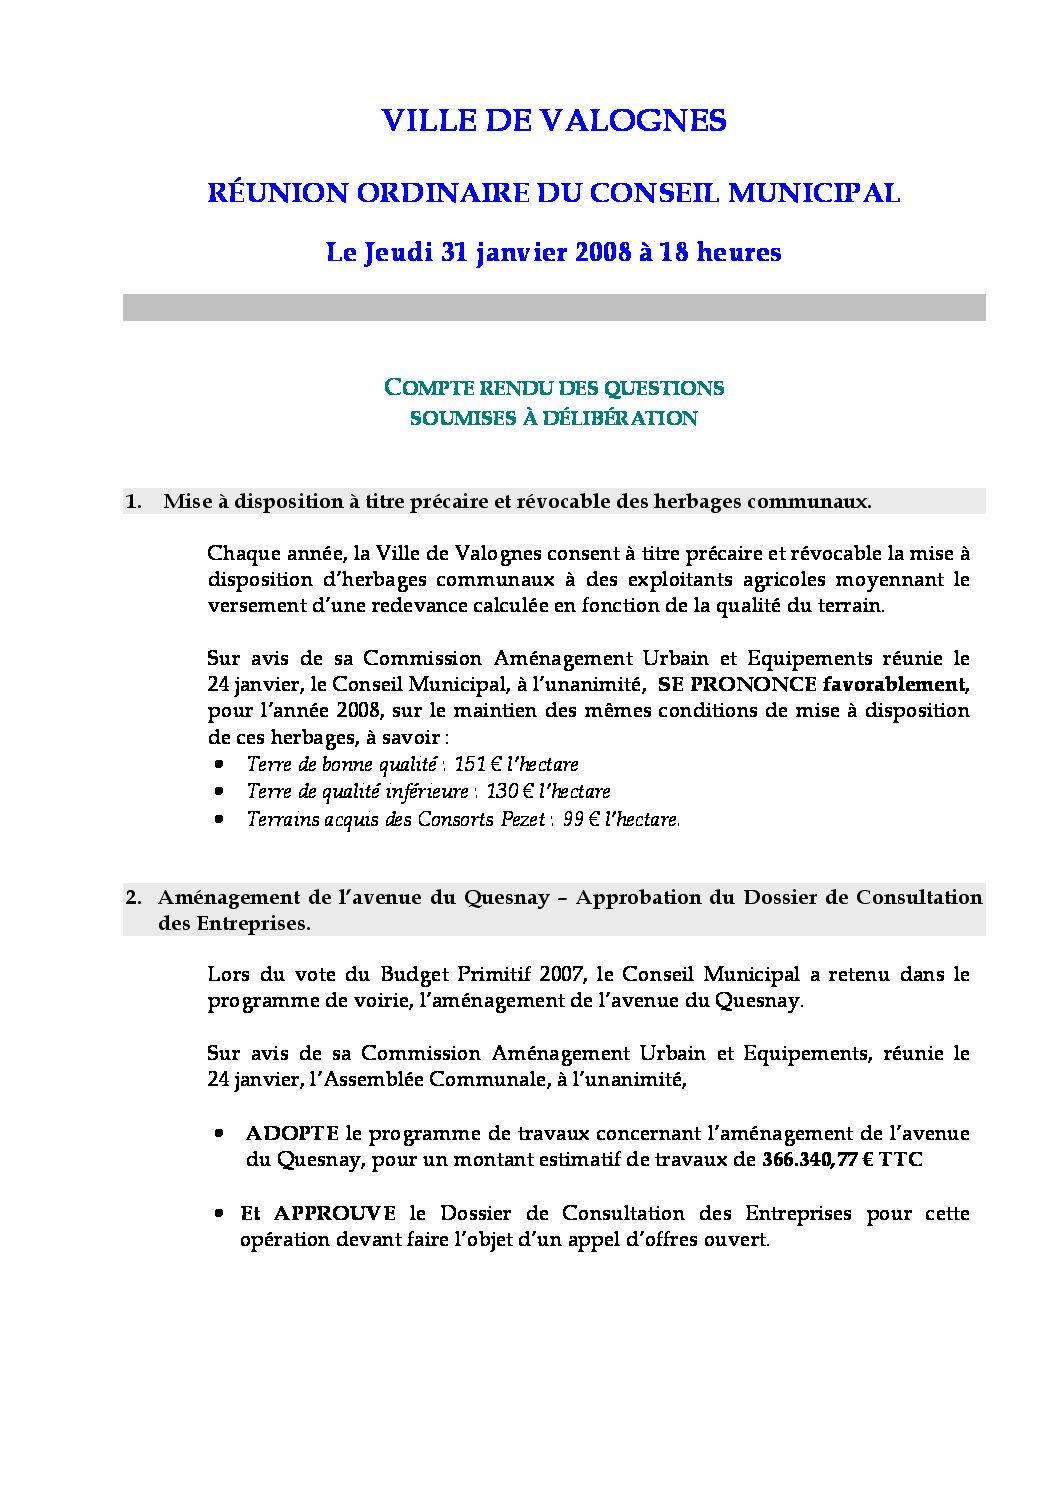 Extrait du registre des délibérations du 20-12-2007 - Compte rendu des questions soumises à délibération lors de la séance du Conseil Municipal du 12 décembre 2007.